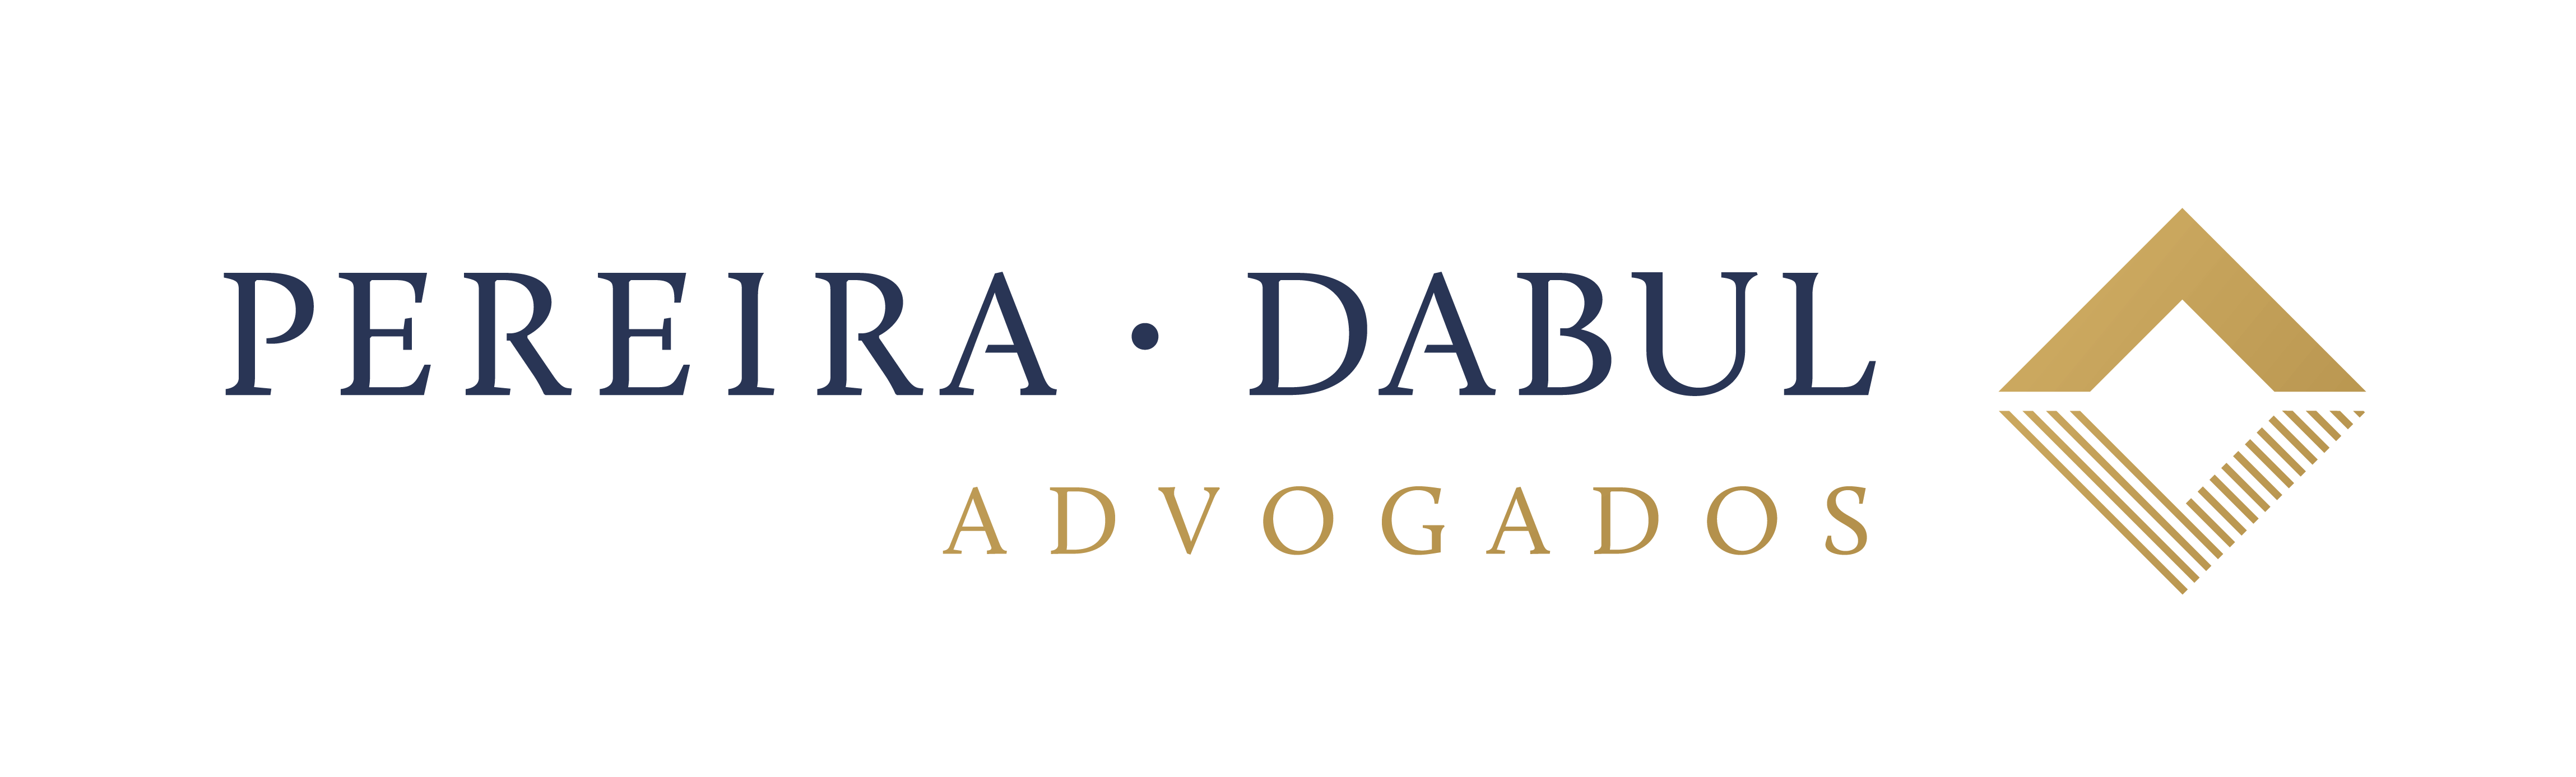 Pereira, Dabul